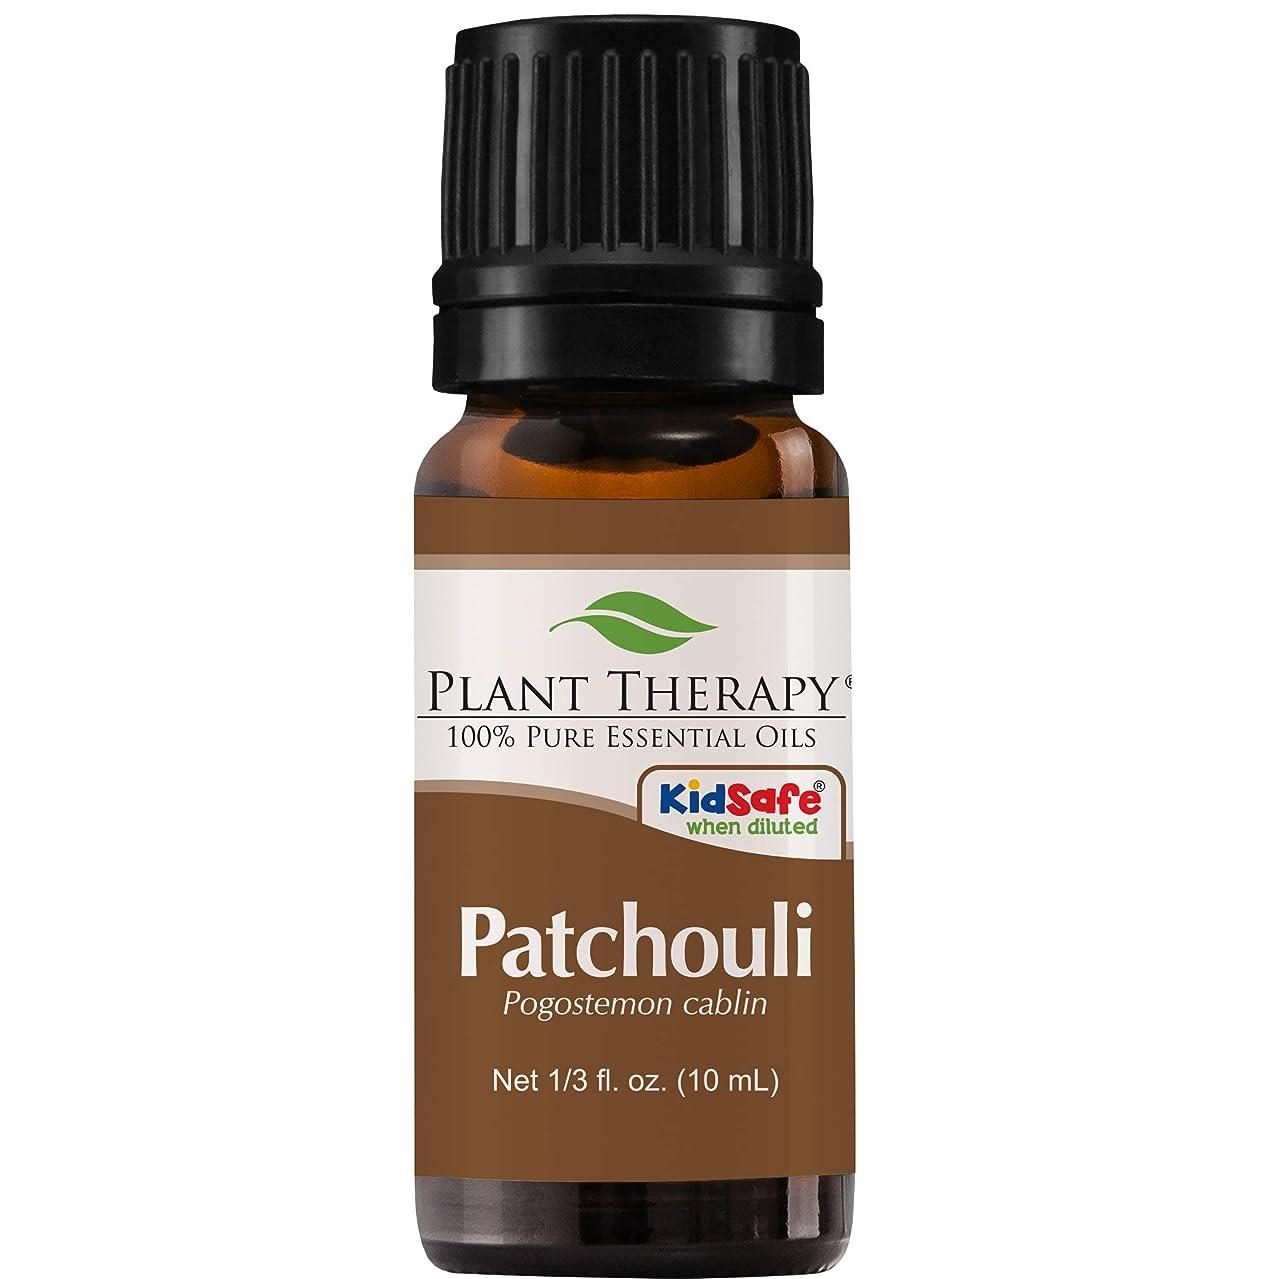 精神クライストチャーチ対抗Plant Therapy Essential Oils (プラントセラピー エッセンシャルオイル) パチョリ エッセンシャルオイル